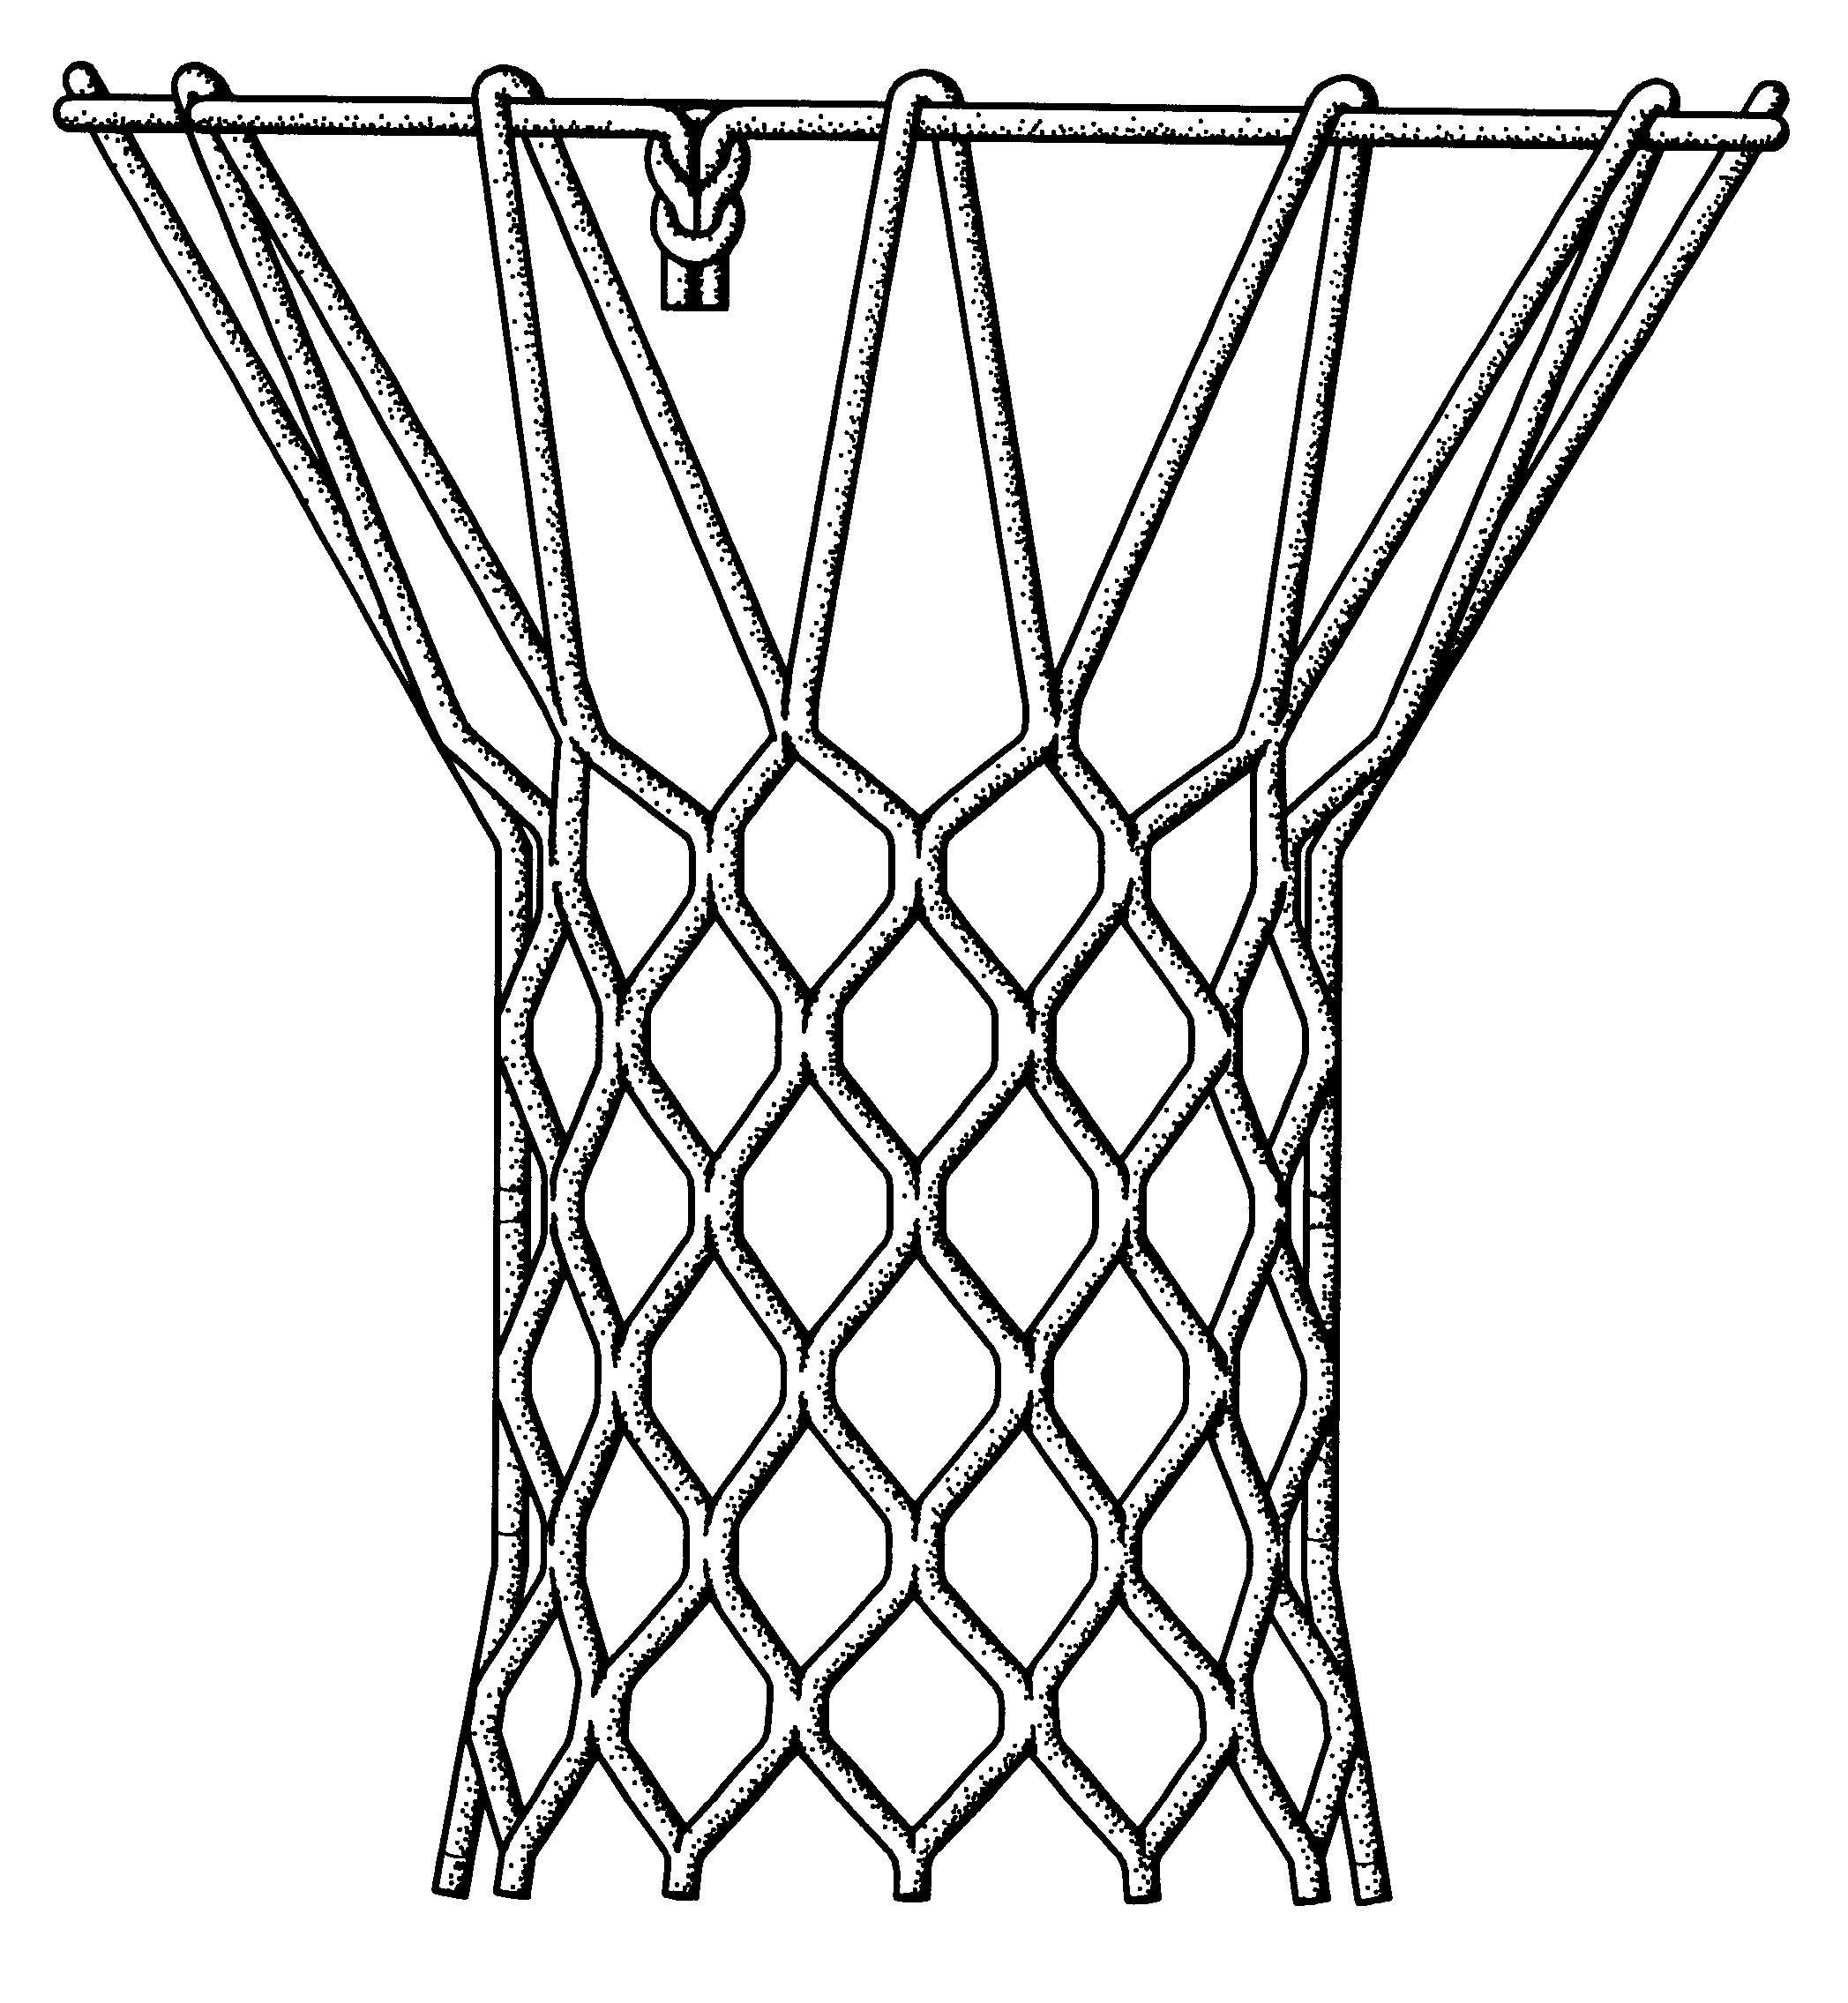 Basketball Net Drawing - ClipArt Best - ClipArt Best